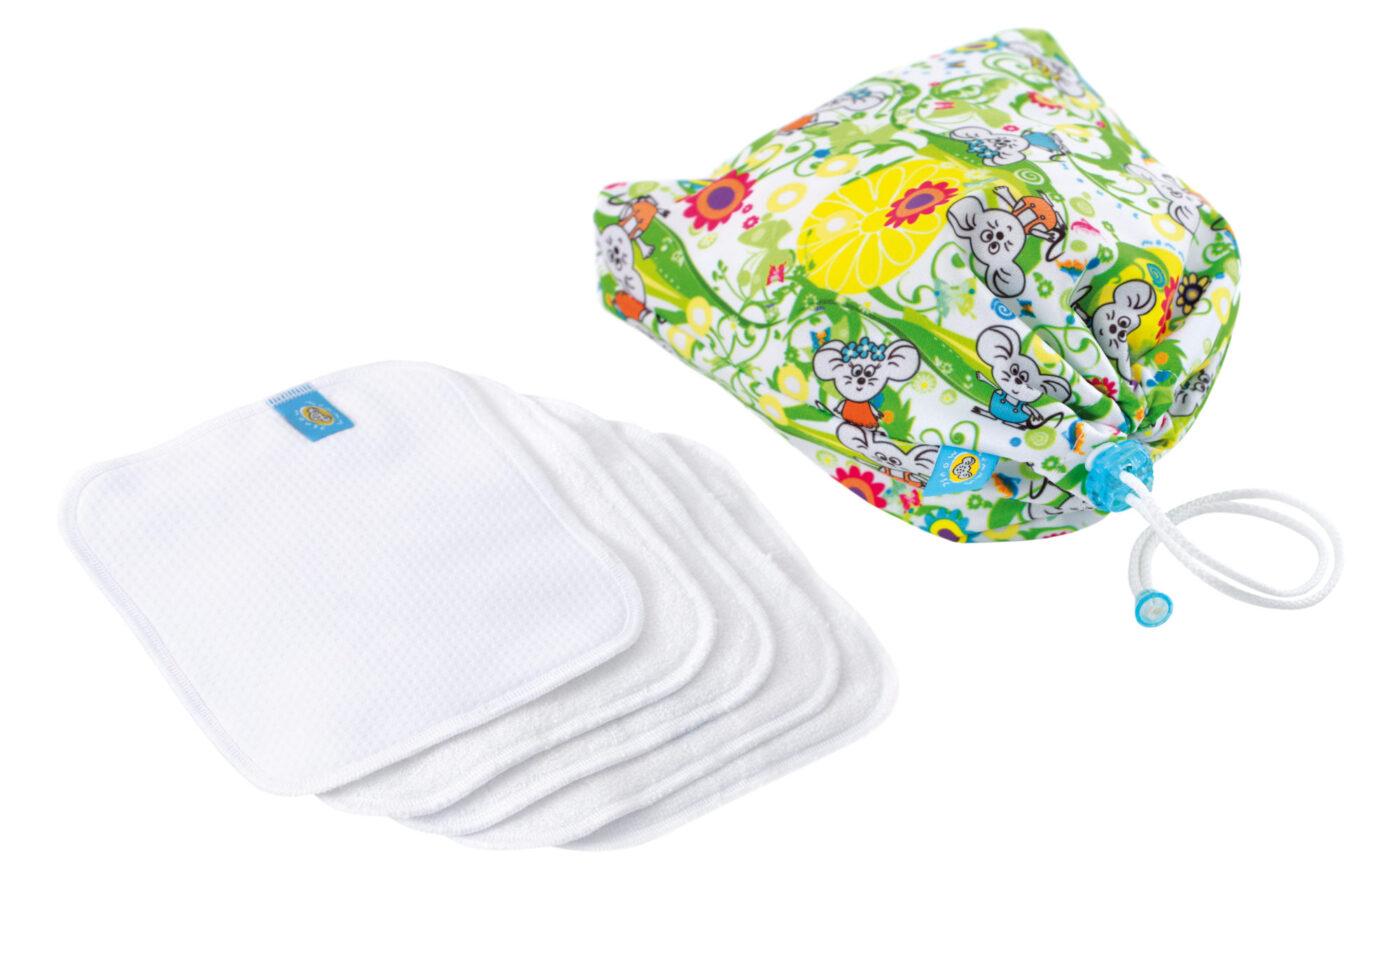 Reusable Wipe Pouch LEMON TREE +  5pcs Reusable Wipes (COMBINED SET)